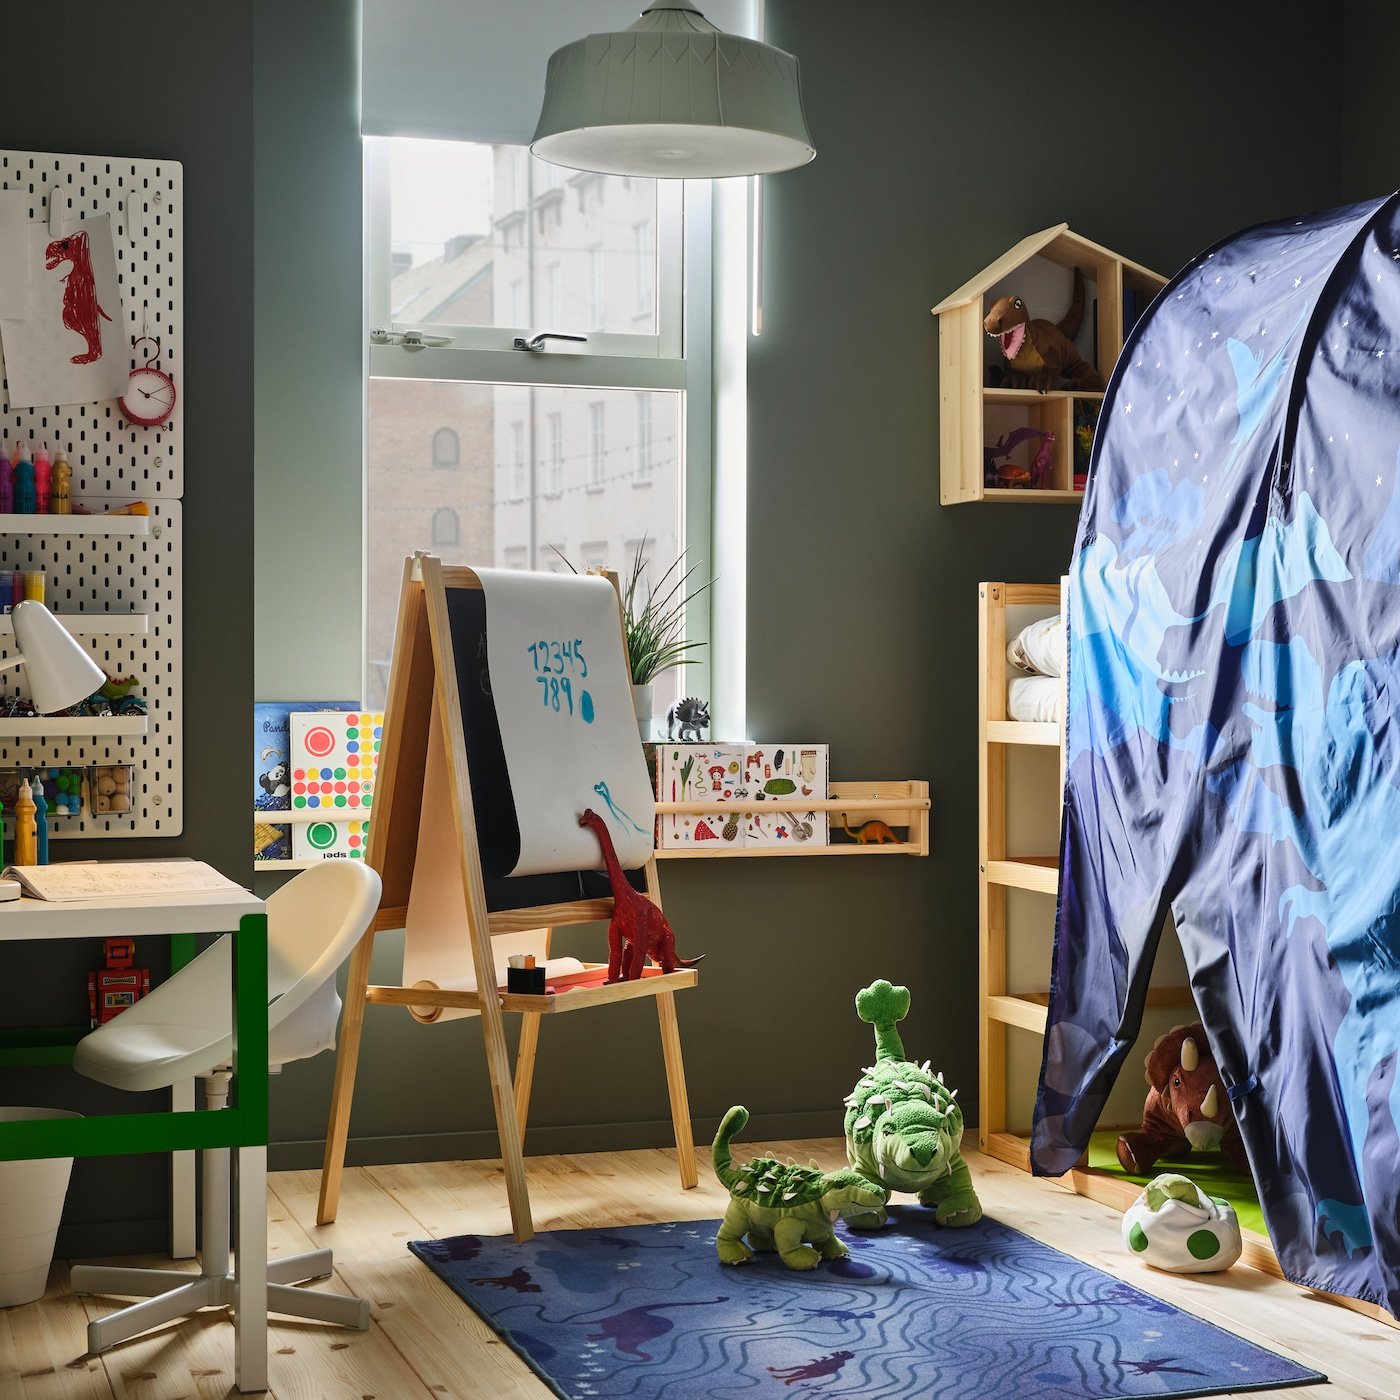 子ども部屋。ブルーのベッドテント、恐竜のソフトトイ、ホワイト/グリーンのデスク、ライトグリーンのペンダントランプ、ブルーのラグ。